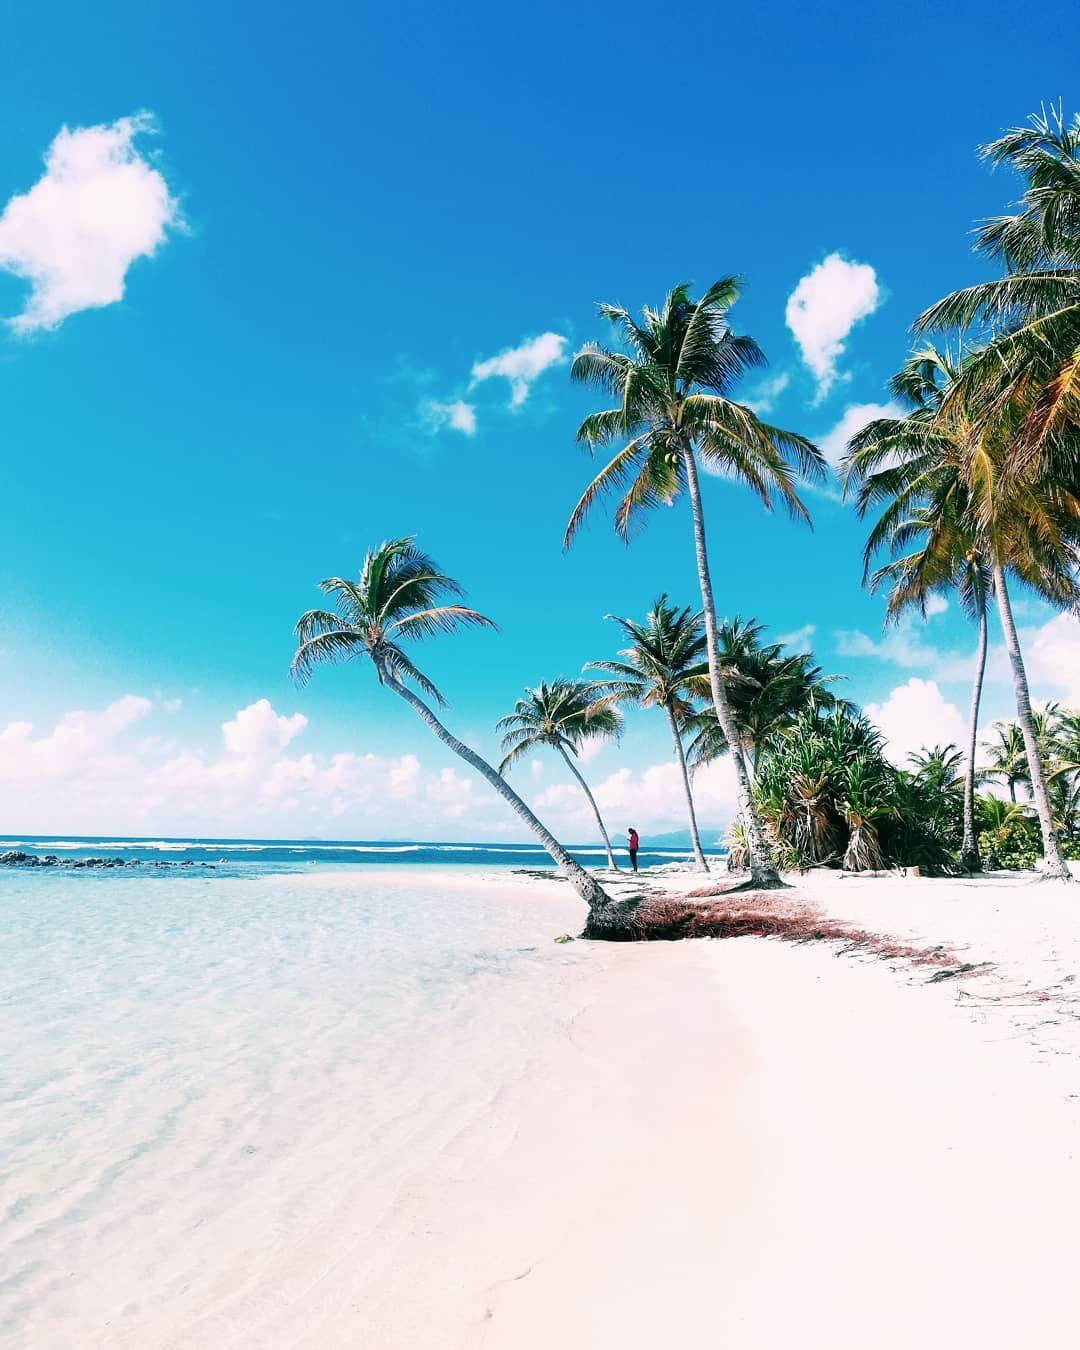 Guadeloupe Beach: Guadeloupe #guadeloupe #plage